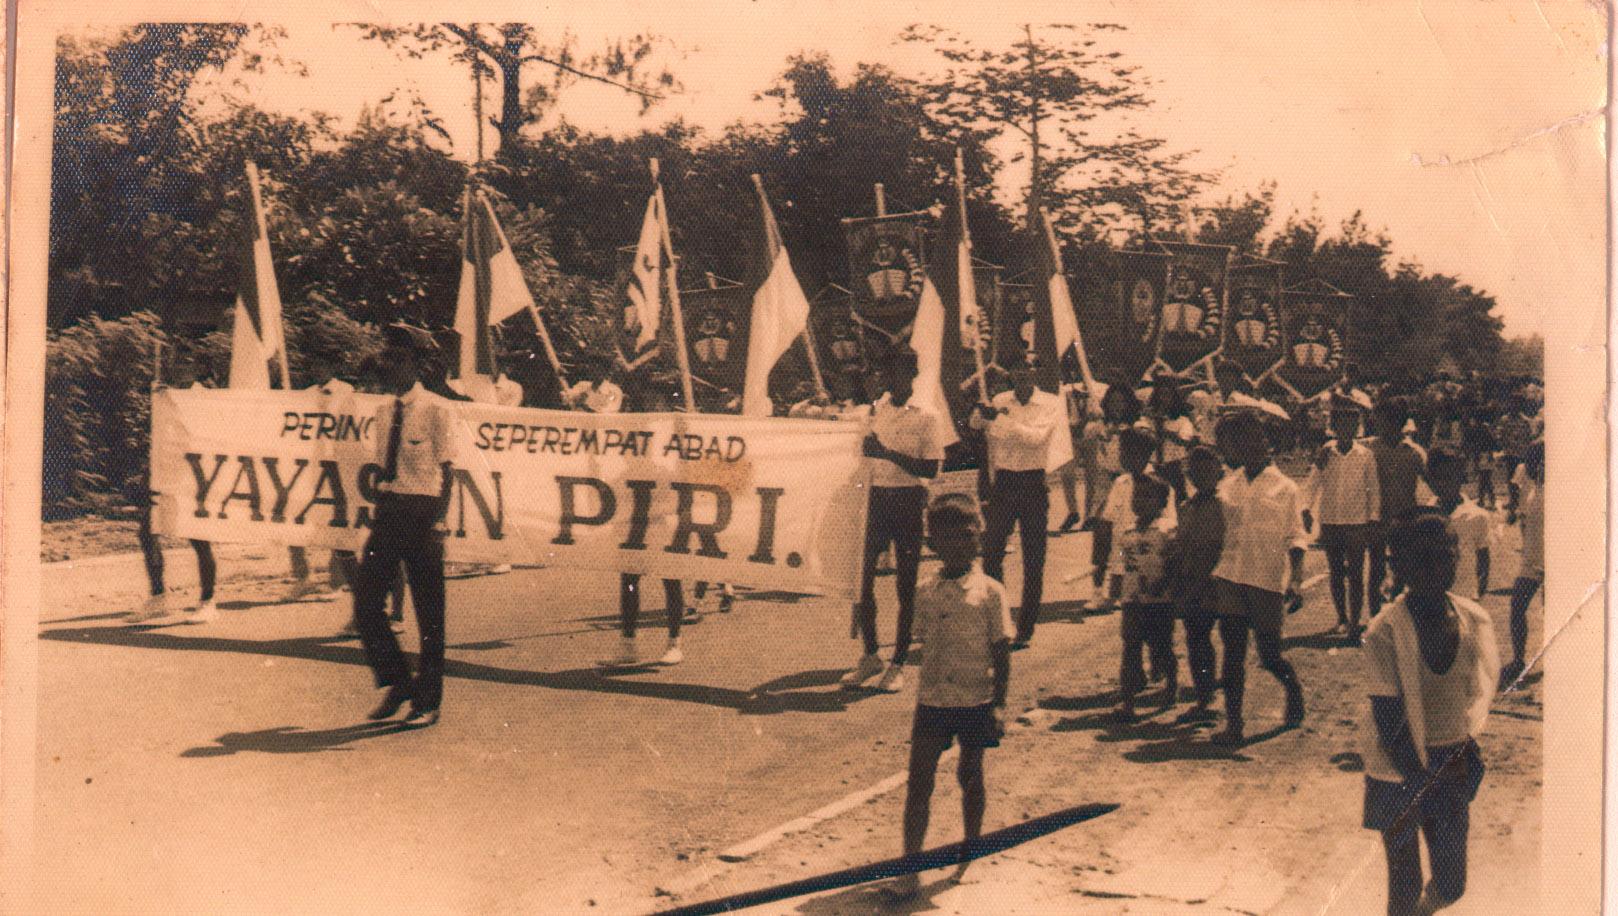 Perguruan Islam Republik Indonesia: Sepenggal Riwayat